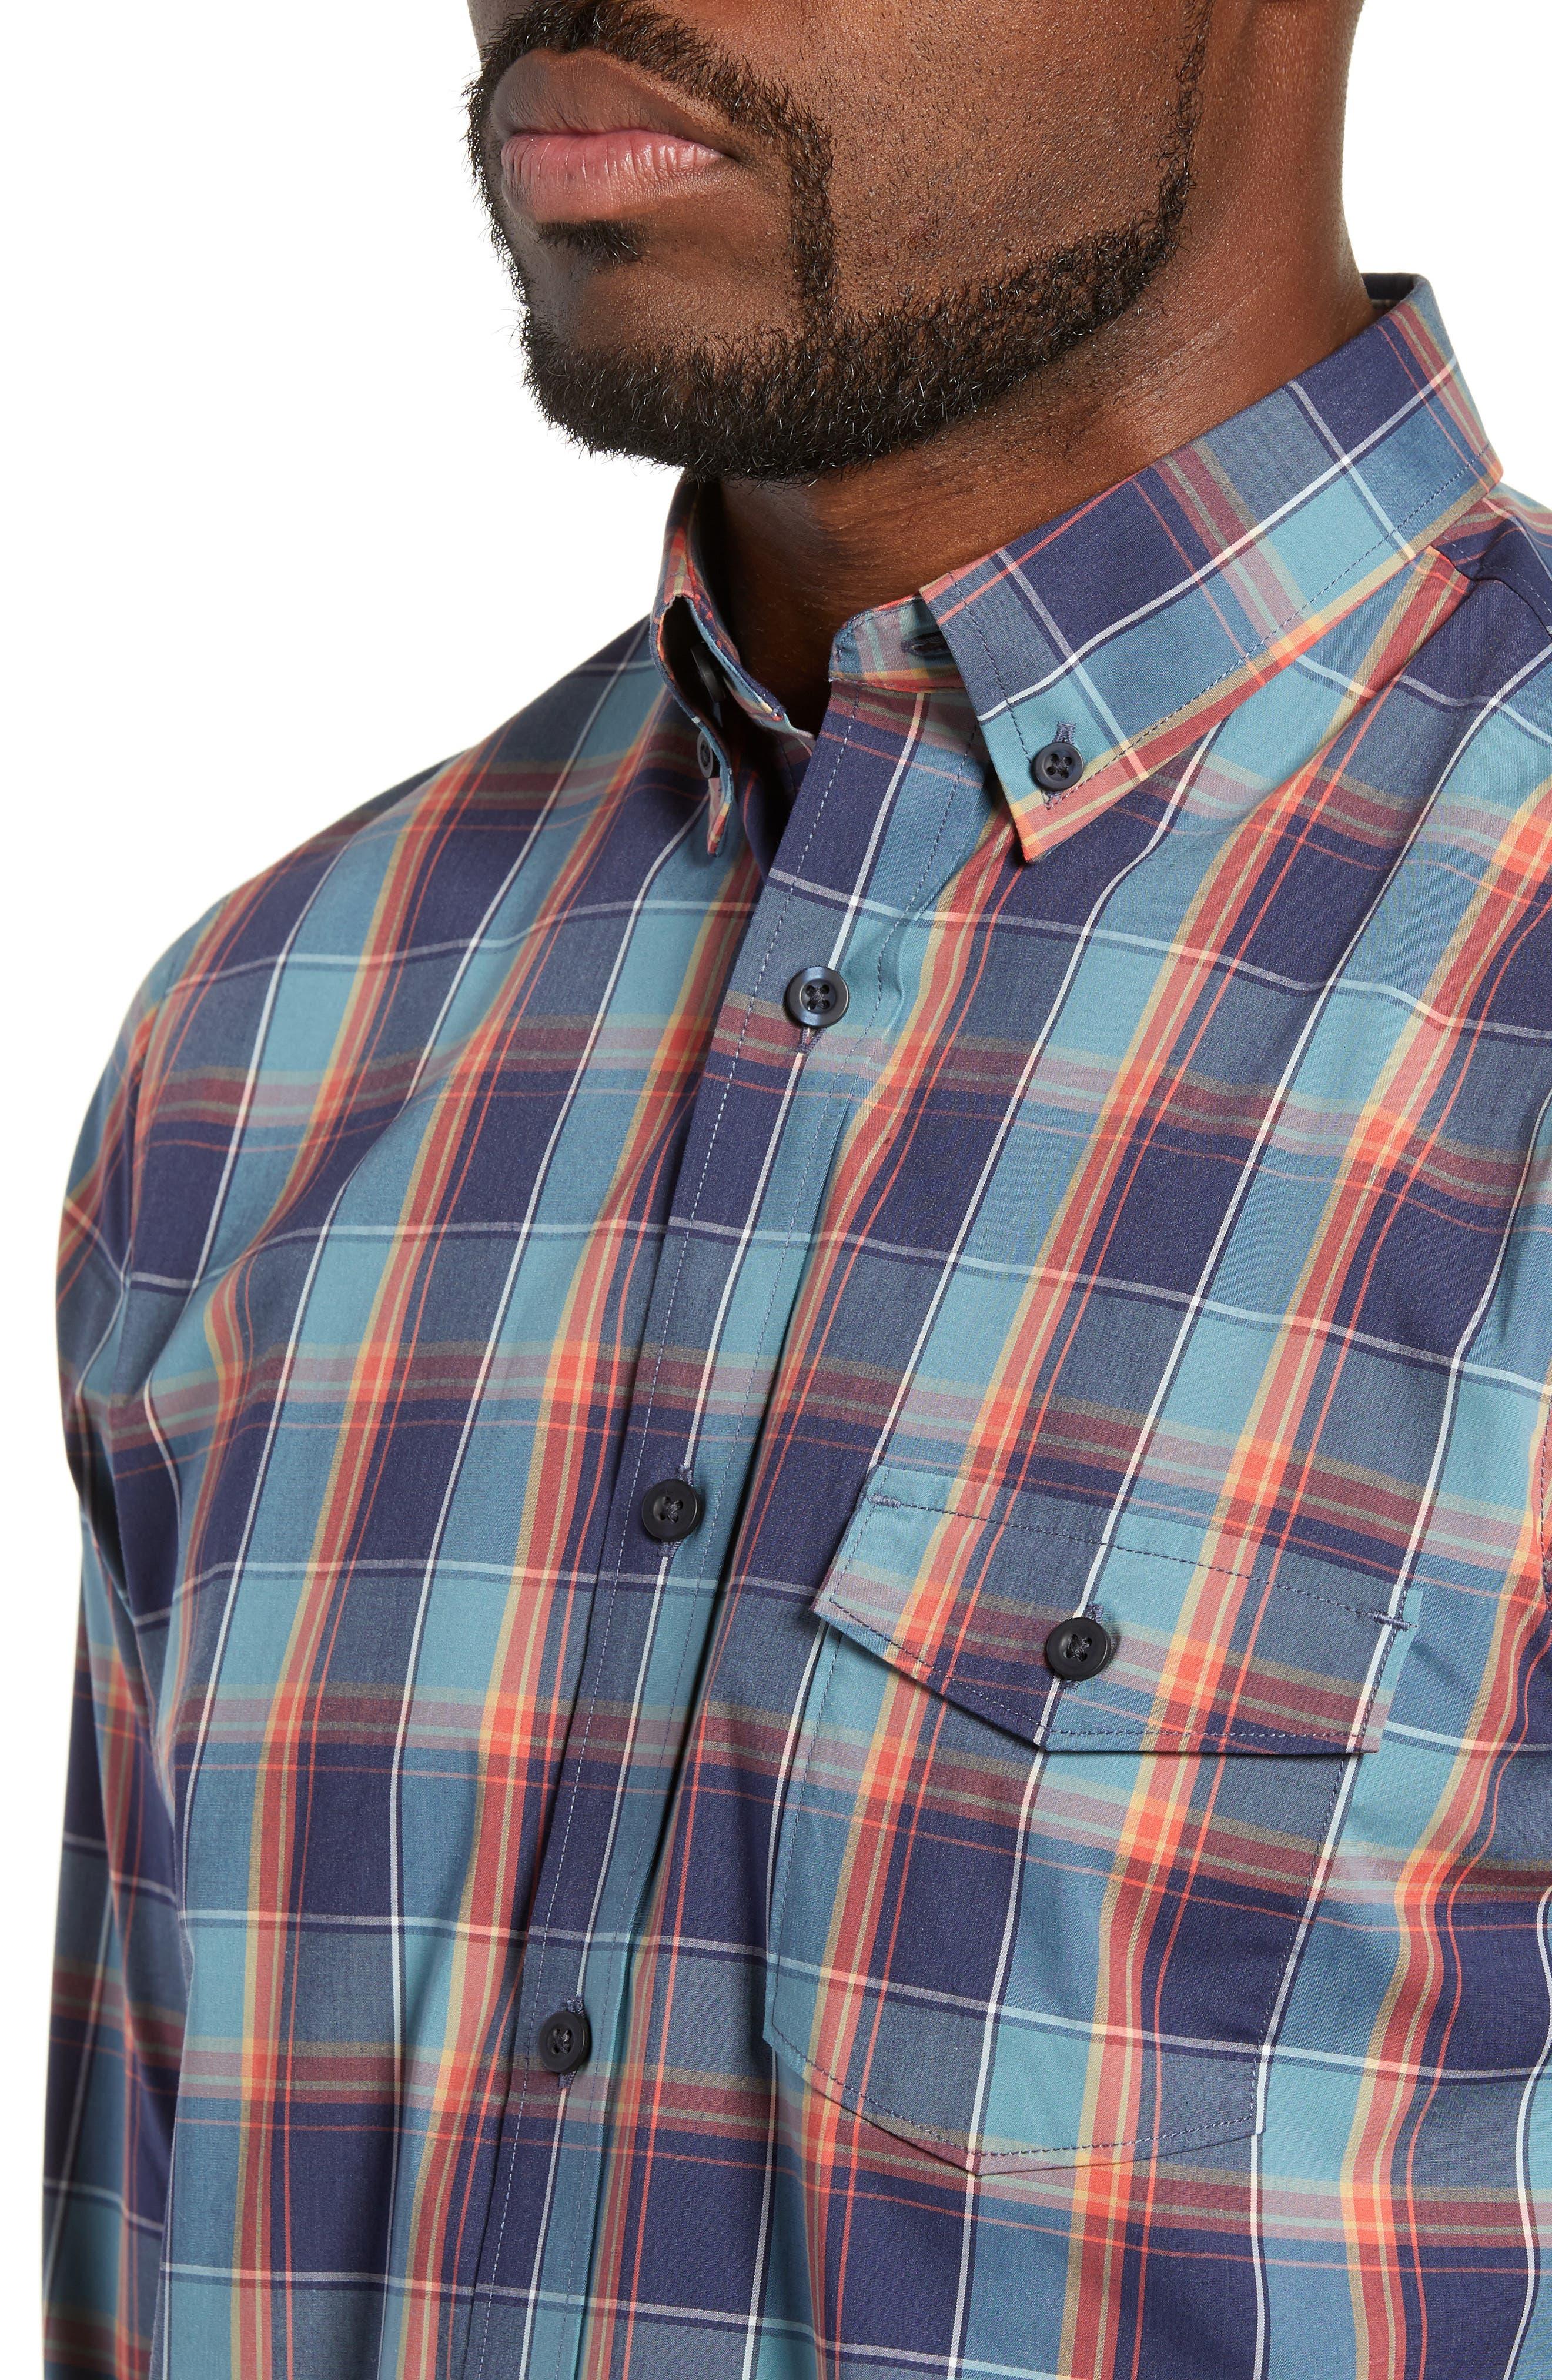 Tech-Smart Regular Fit Plaid Sport Shirt,                             Alternate thumbnail 2, color,                             NAVY CORAL PLAID